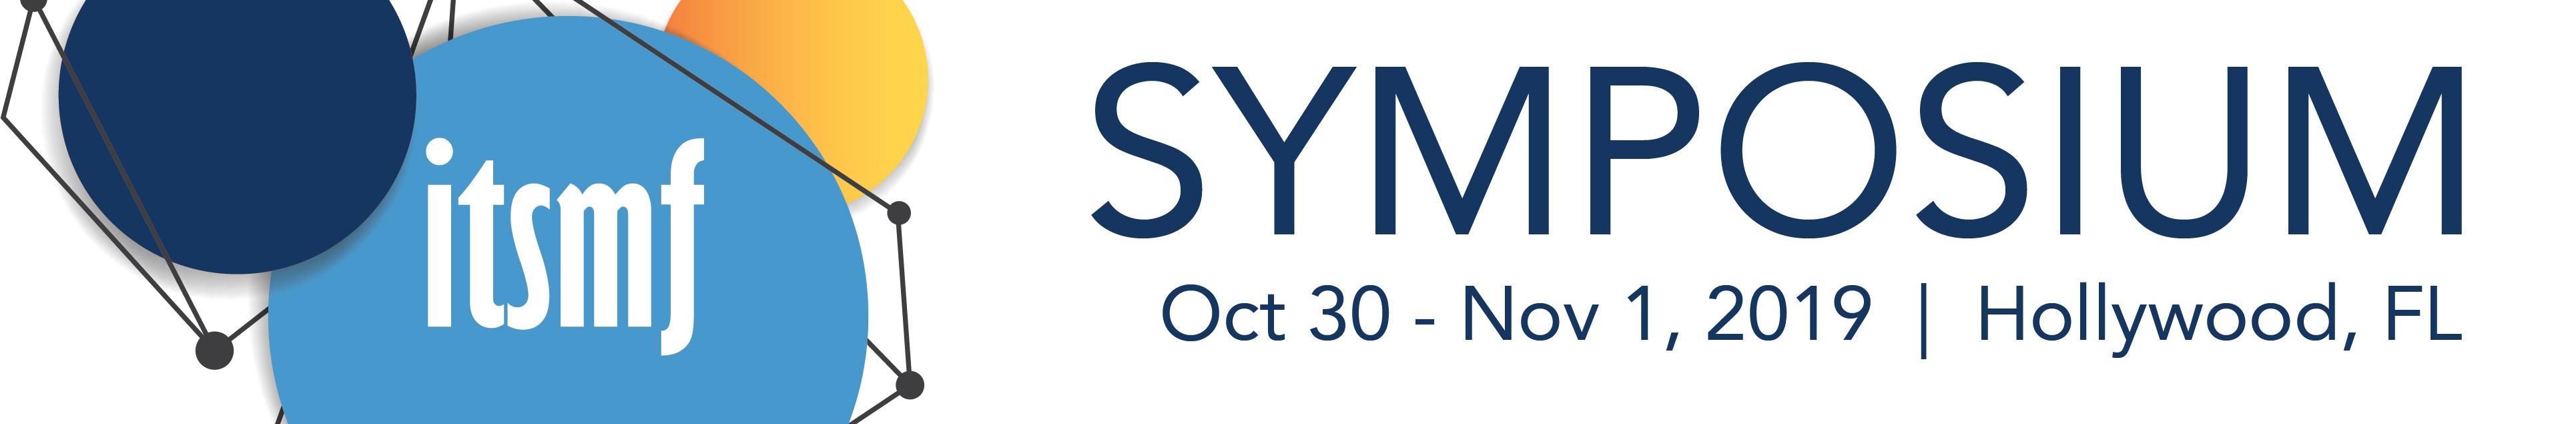 ITSMF Symposium (S3-19)